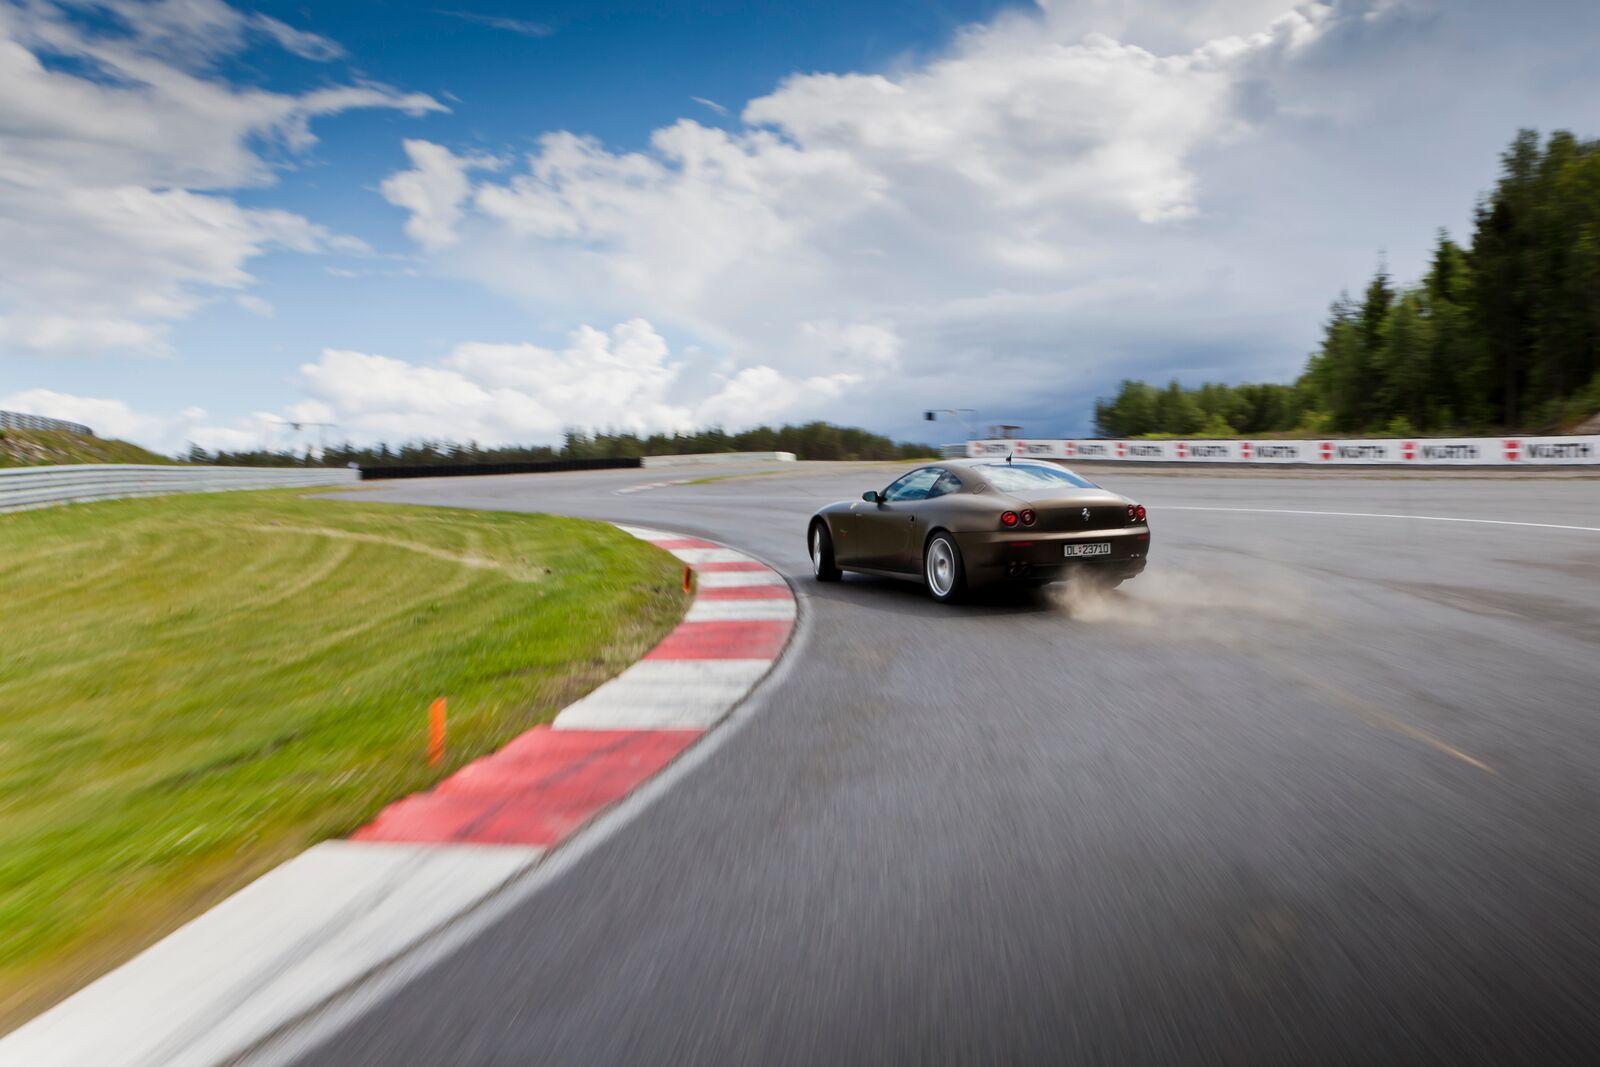 Supersportsbil som skrenser i en sving på bane. Dette er en opplevelse som passer perfekt som bursdagsgave til han som elsker adrenalin.